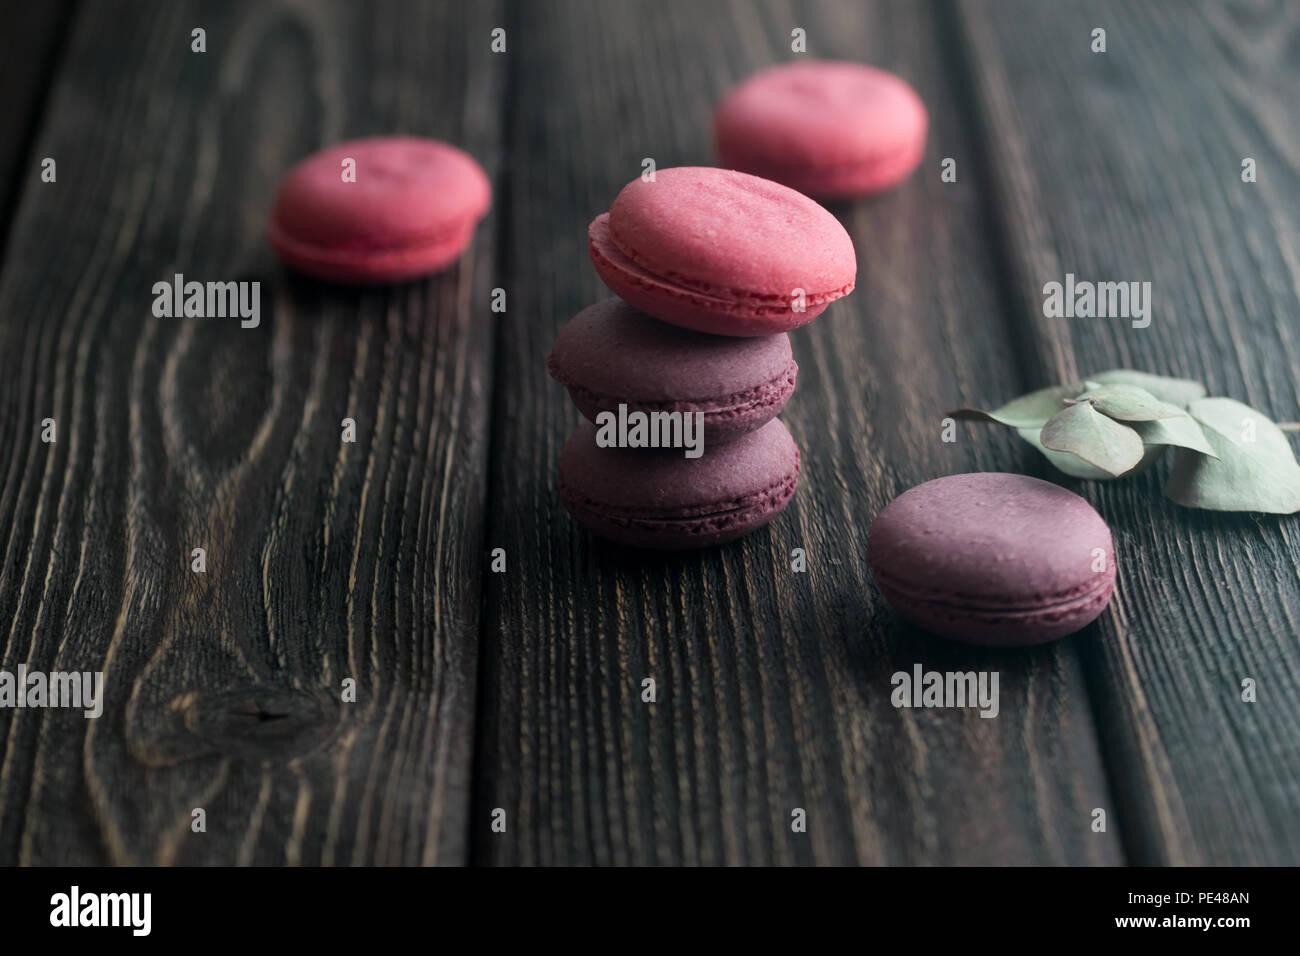 Gruppo di macarons fatta di fragole, crema, cioccolato e mirtilli. Foto rustico. Tonica. Immagini Stock